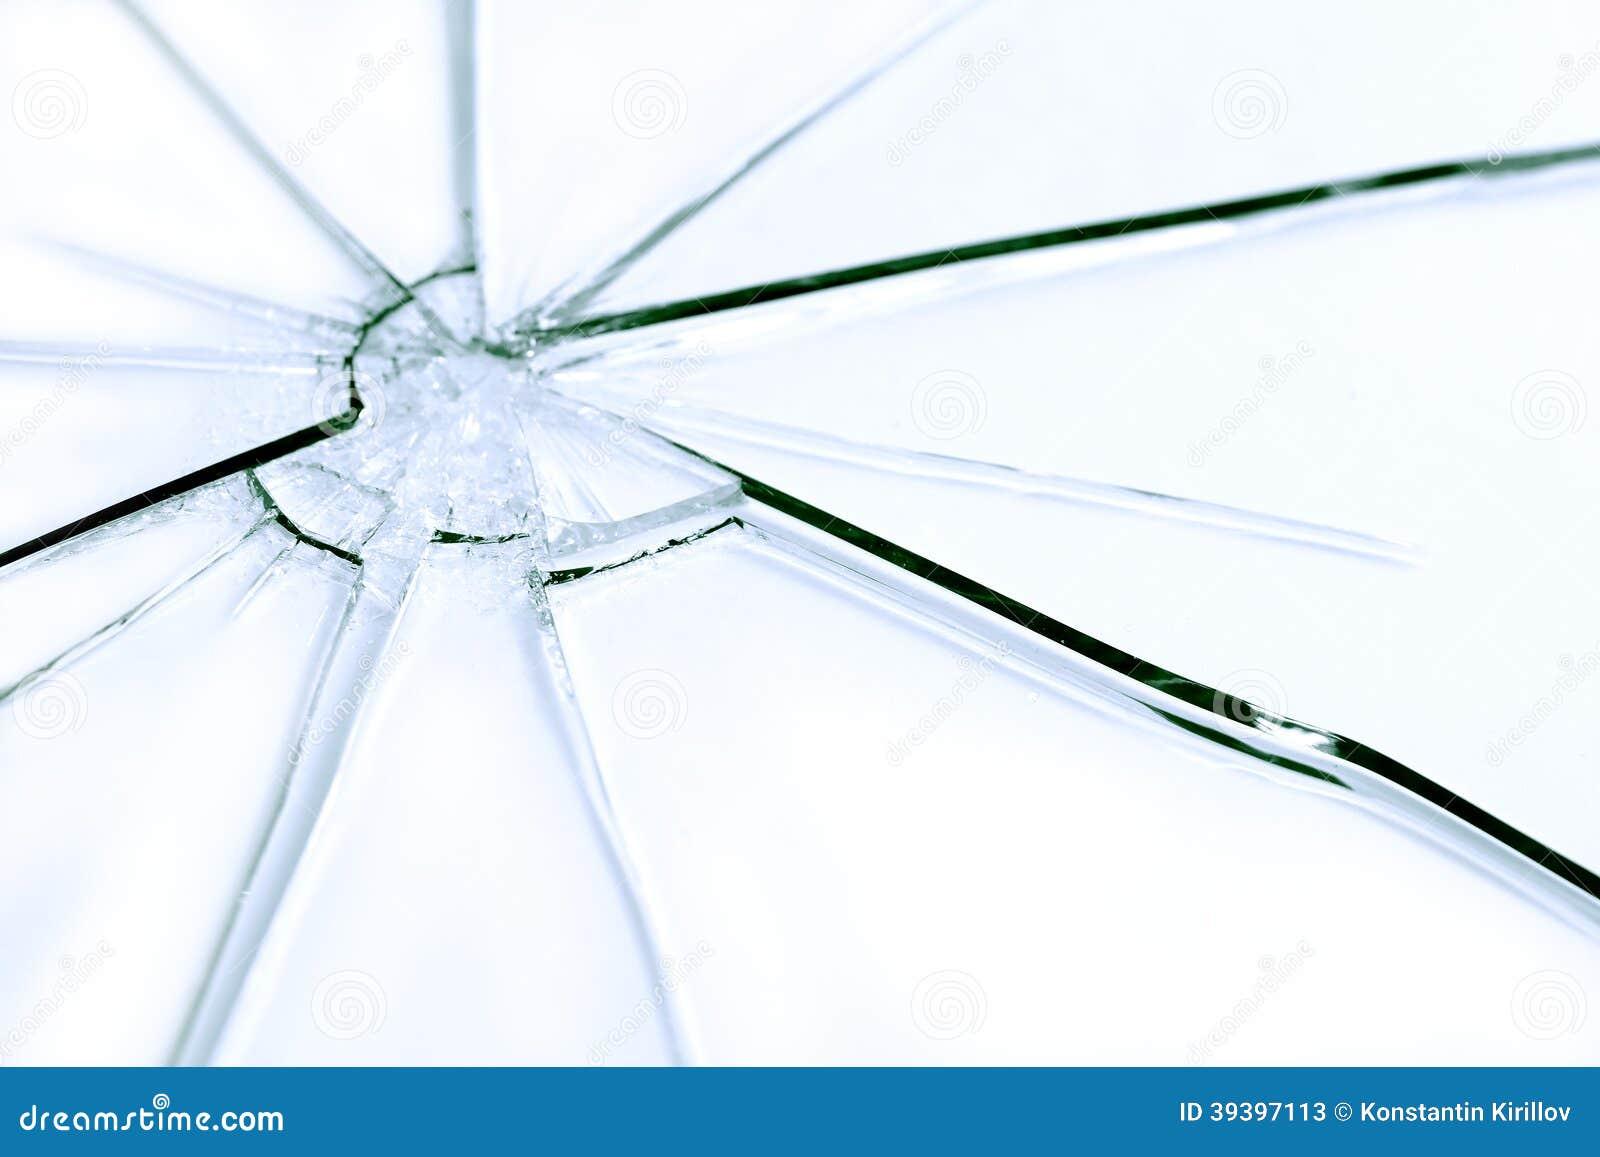 zerbrochenes glas stockbild bild von fragment zerst rung 39397113. Black Bedroom Furniture Sets. Home Design Ideas